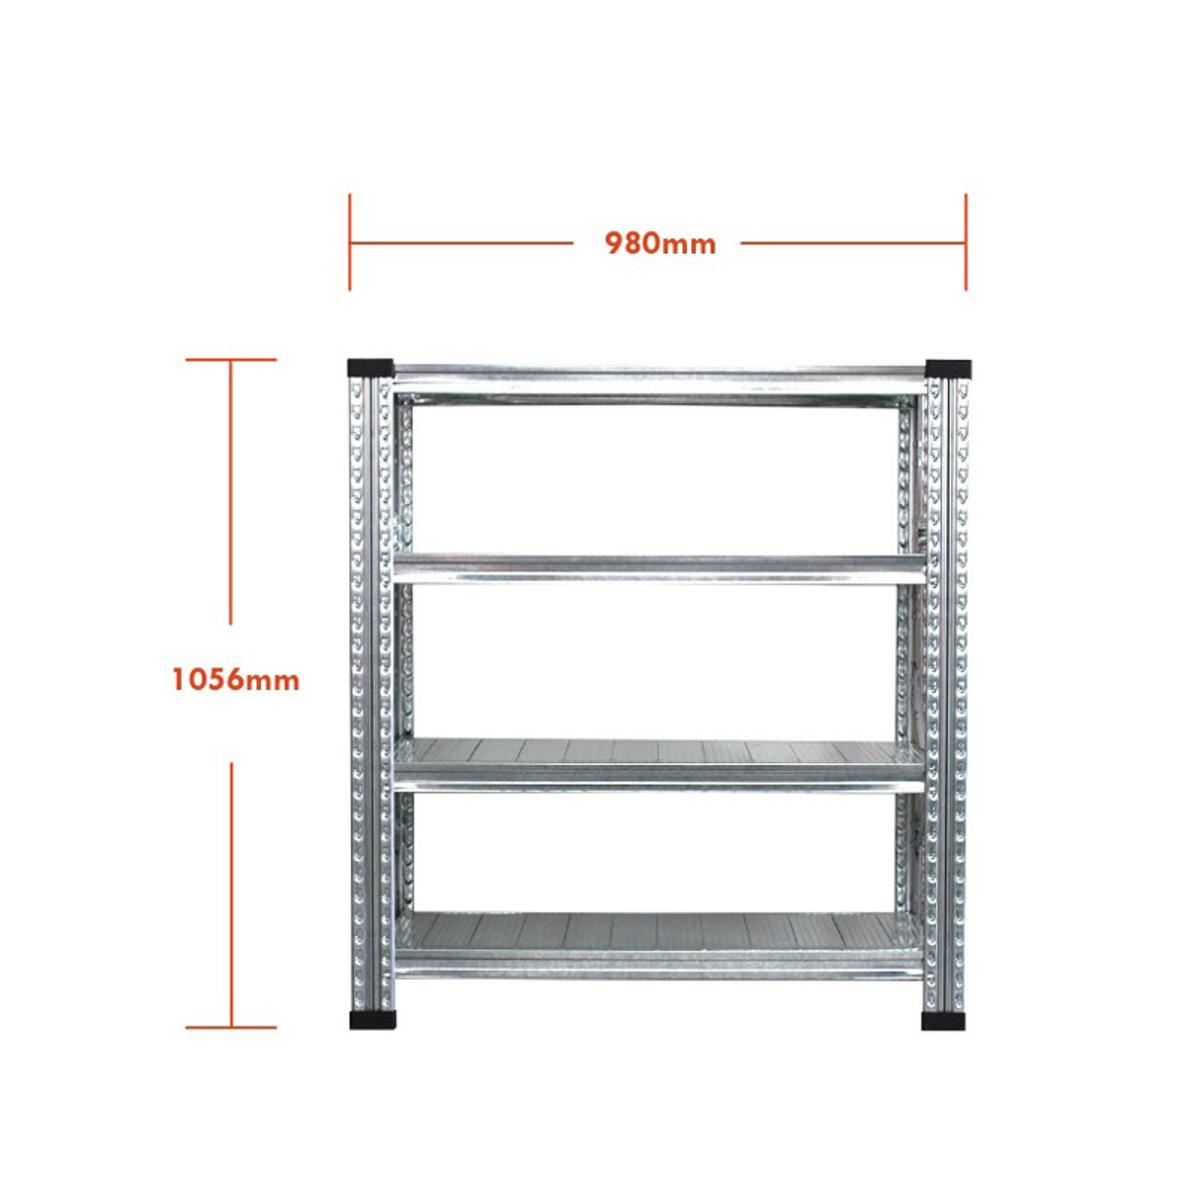 THE TASTEMAKERS & CO.|幅98.0 × 高さ105.6cm(シェルフ4段)世界のメゾンブランドのバックヤードでも愛用される、組み立て簡単、軽量スチールラック | 4 TIER STEEL SHELF (W900シリーズ)